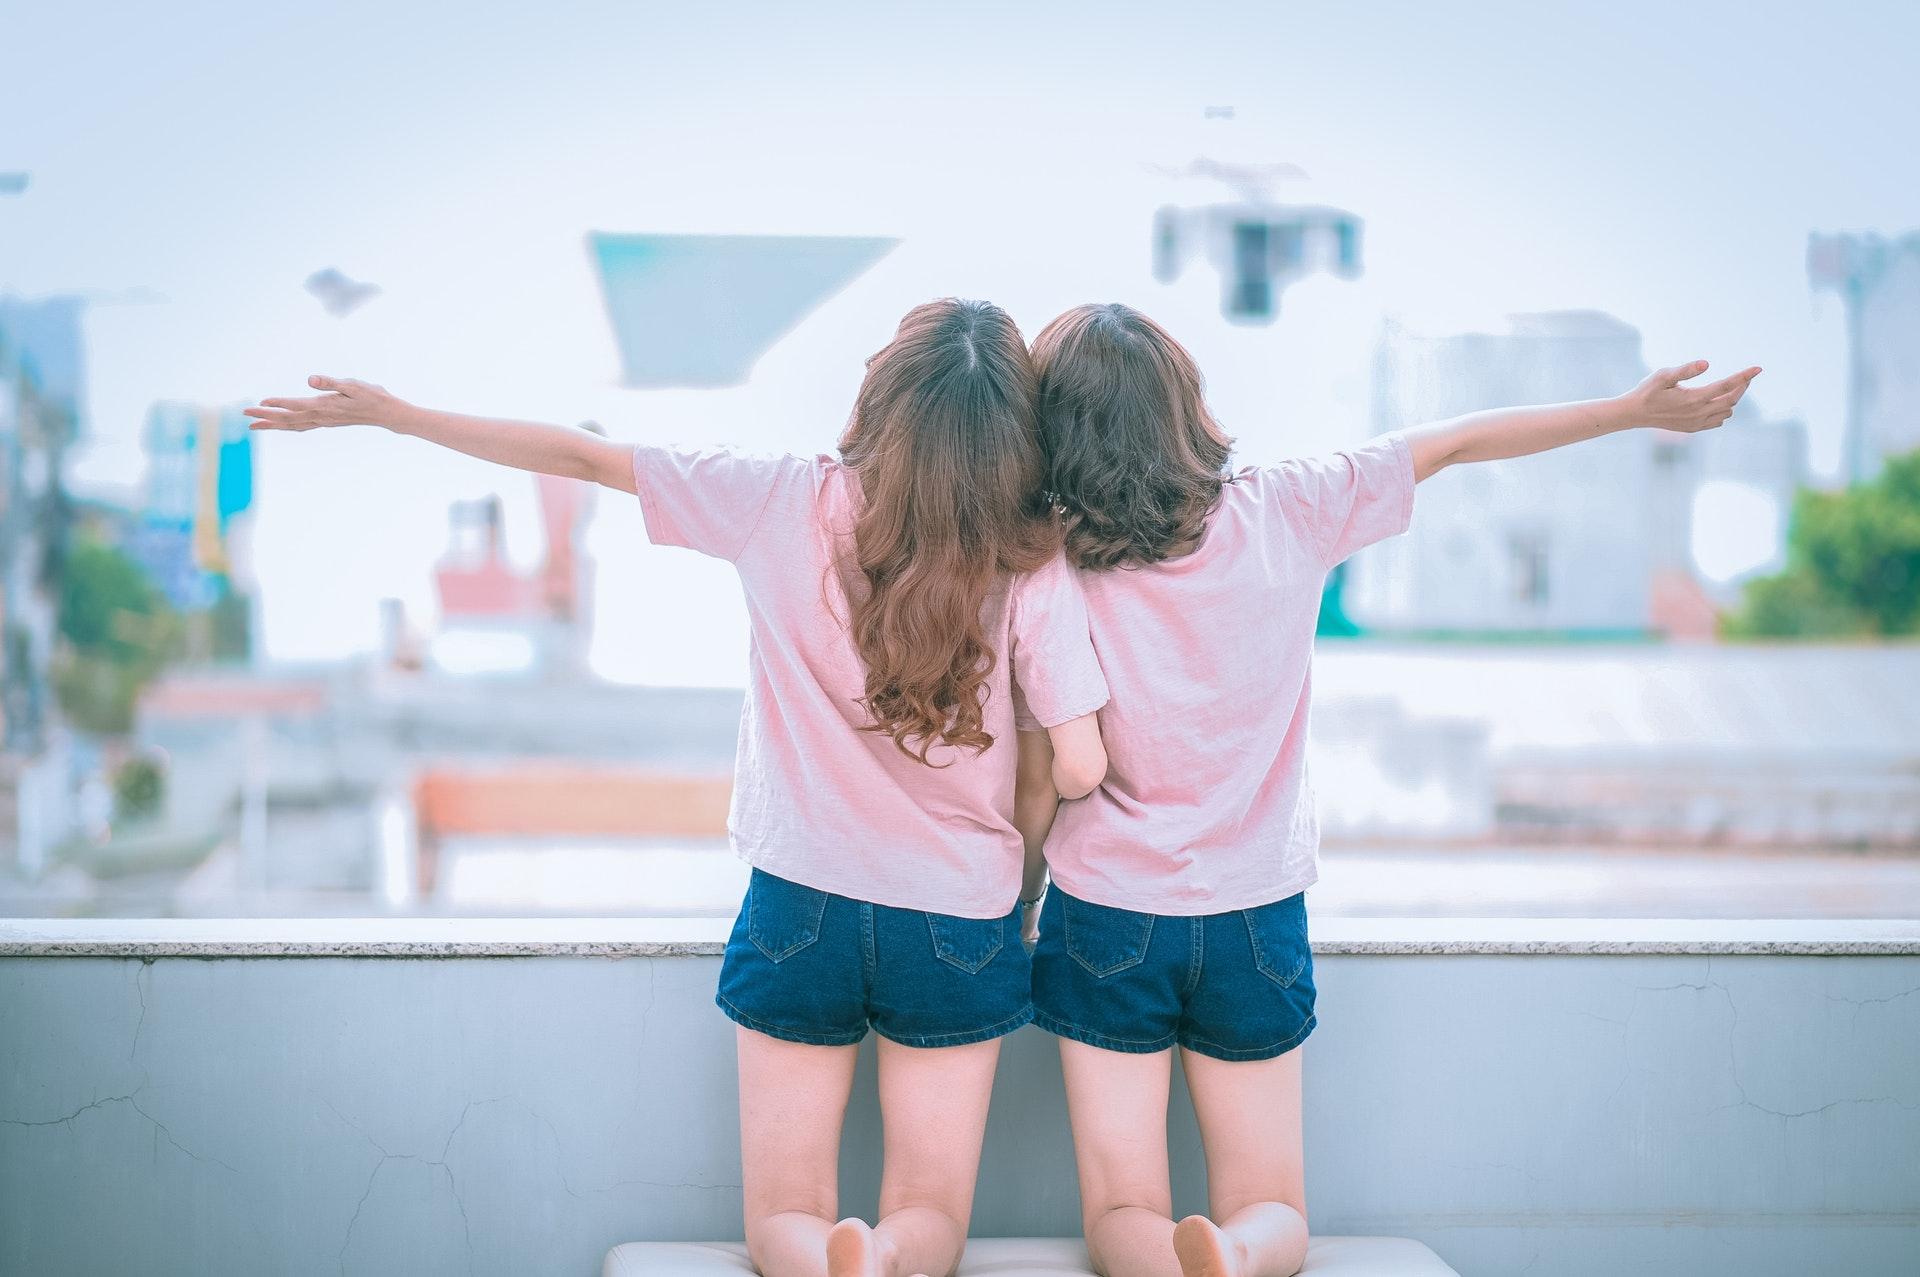 同じ格好をした女の子2人